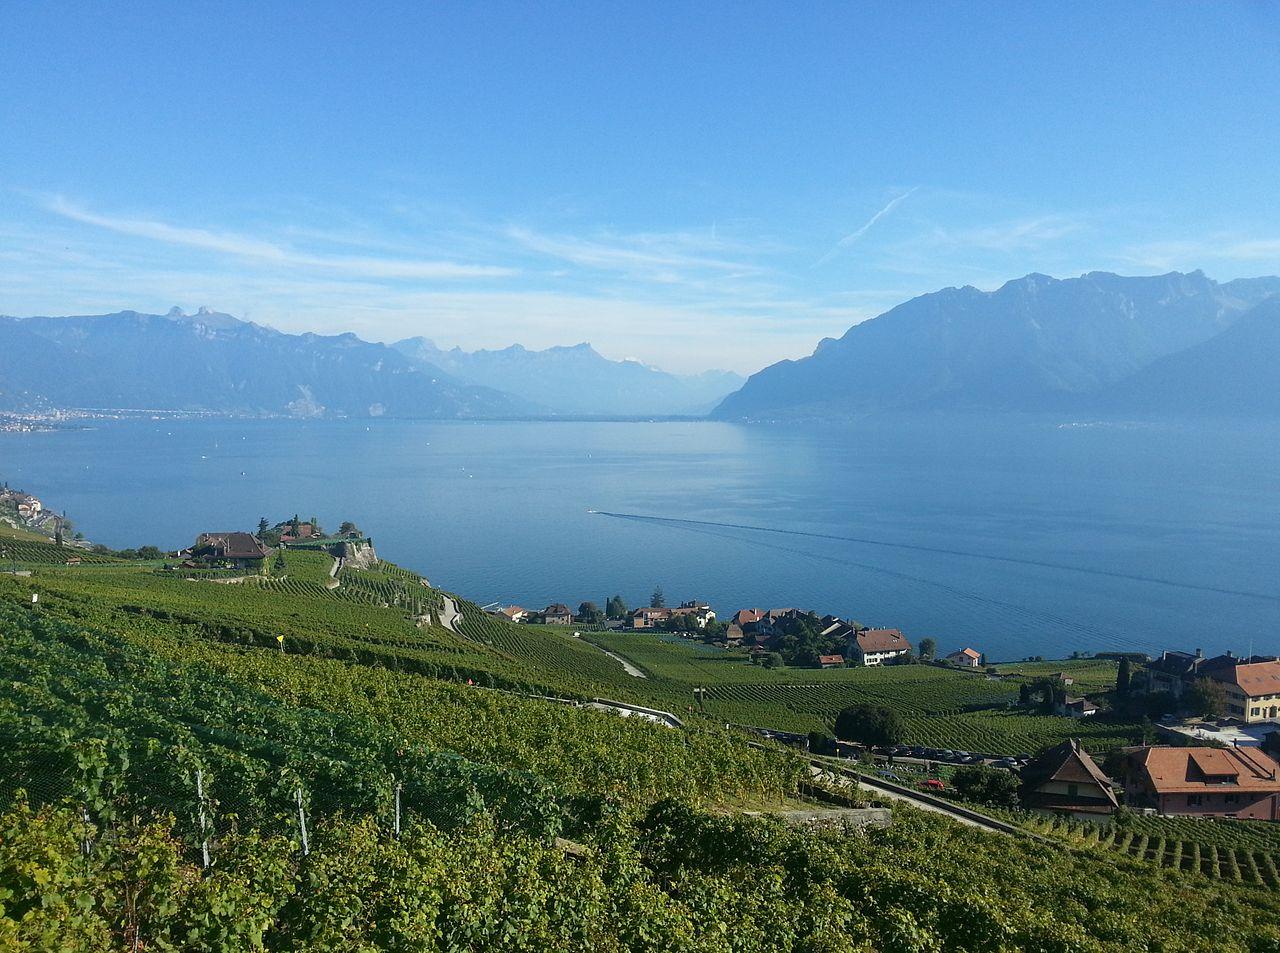 Kanton Vaud dan teras-teras anggurnya (Danau Jenewa)